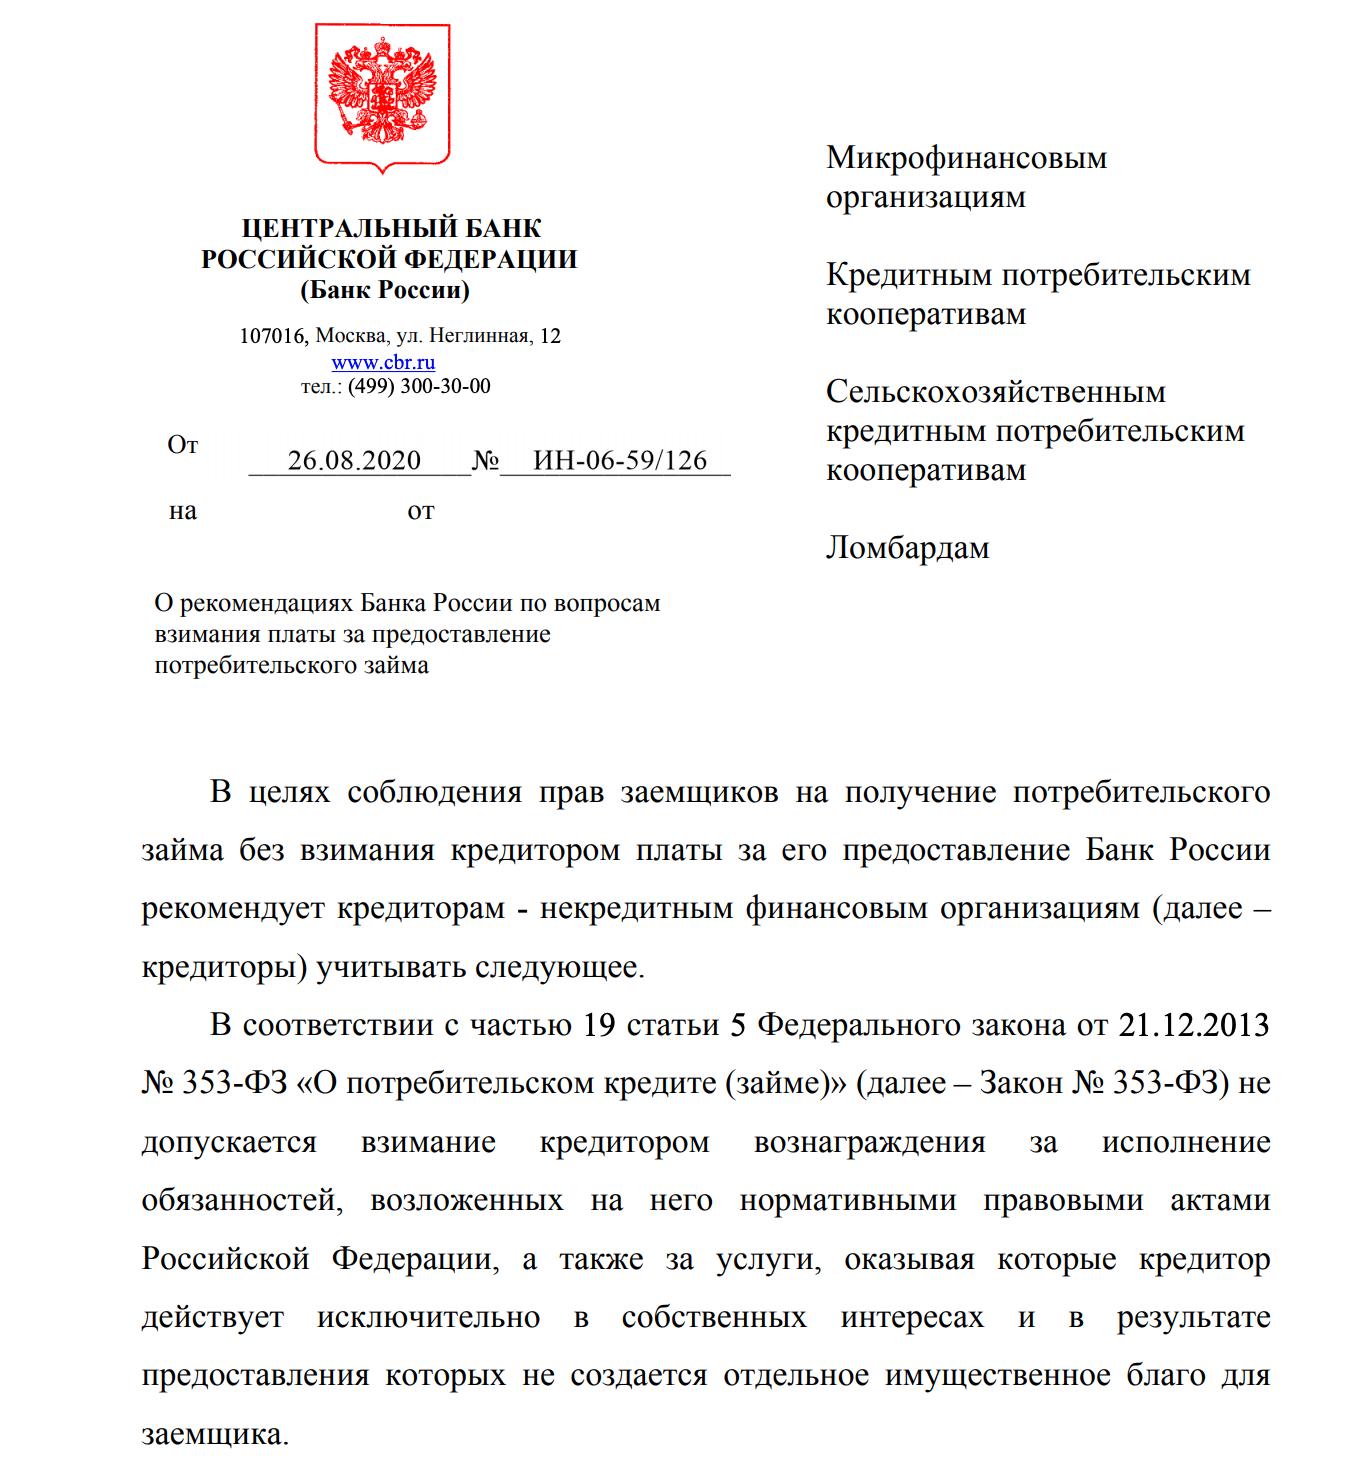 письмо ЦБ РФ